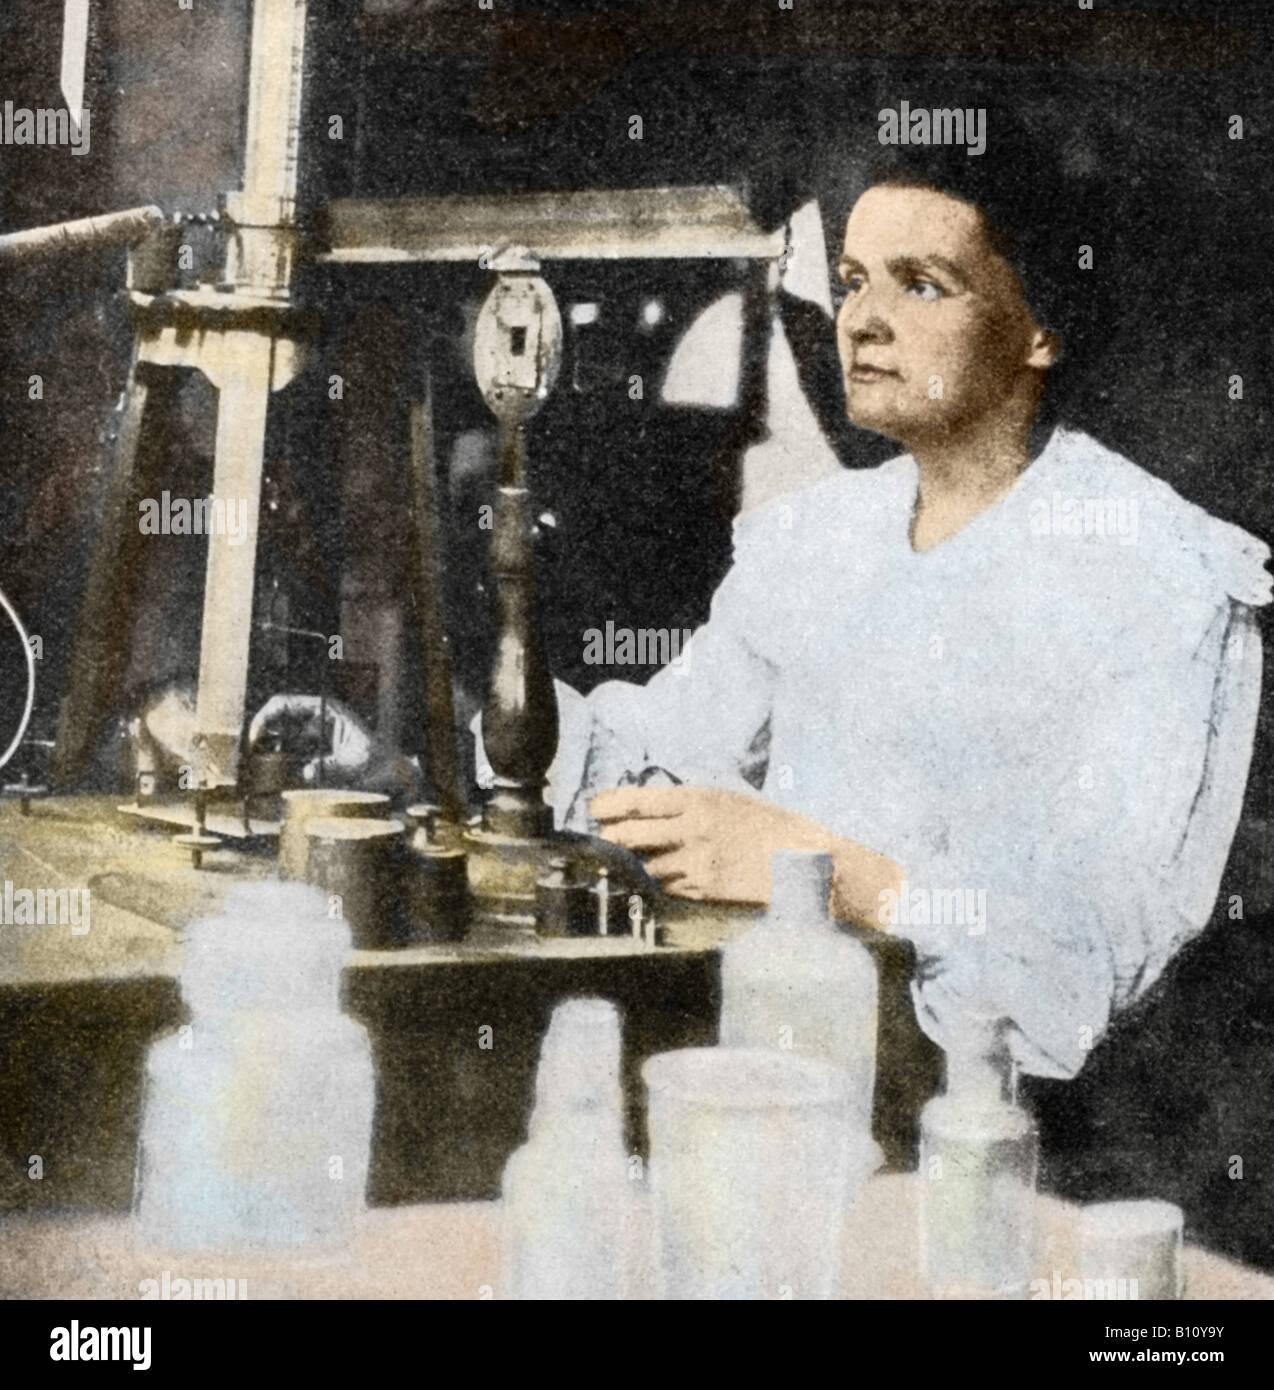 Marie Curie, 1867 - 1934 el físico francés polaco en su laboratorio. Con su esposo Pierre que ella aisló Imagen De Stock